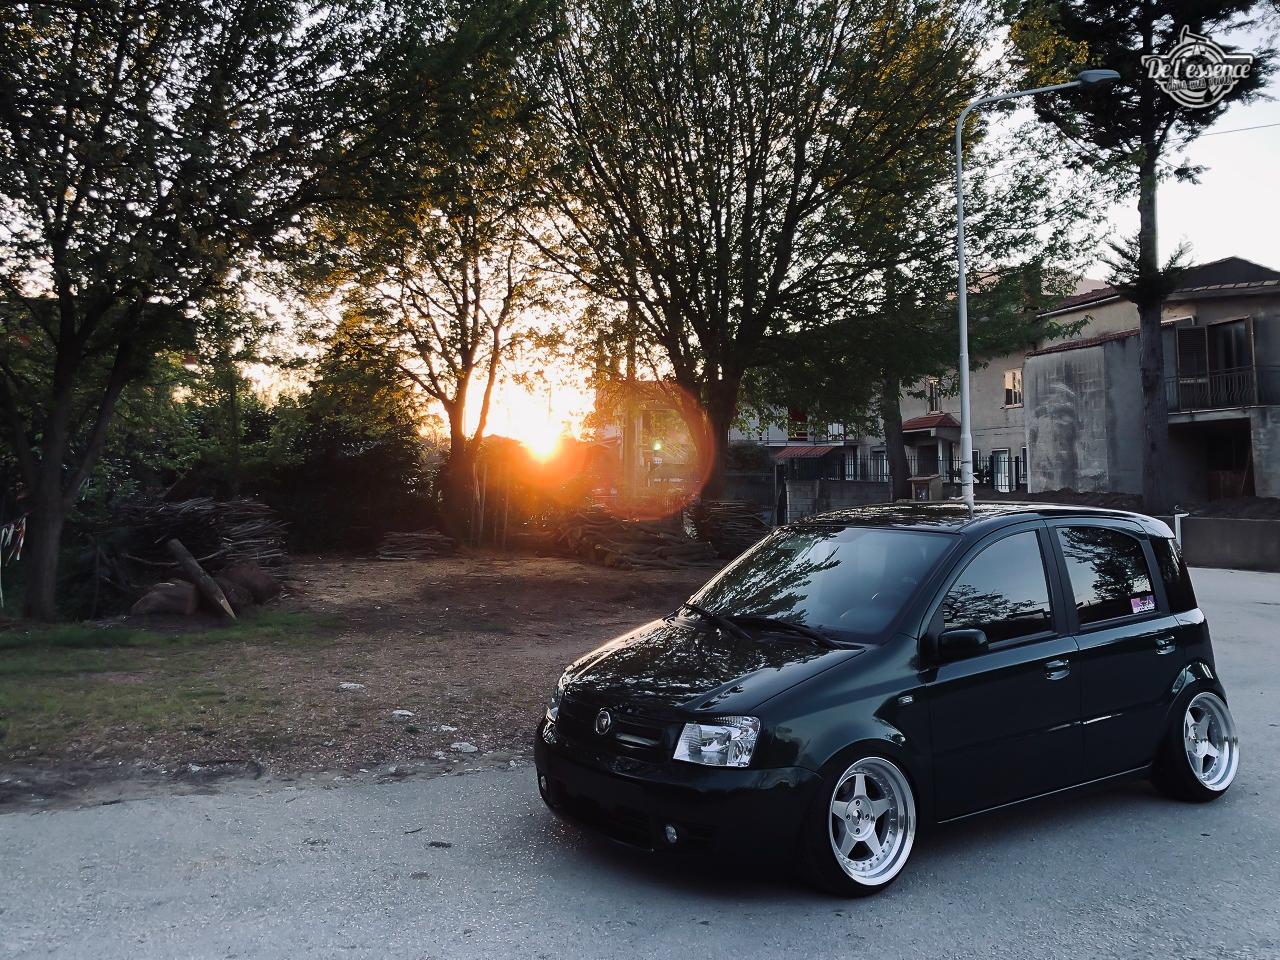 #Stance Discount - Buccaccio Gang #1 - Fiat Panda 8